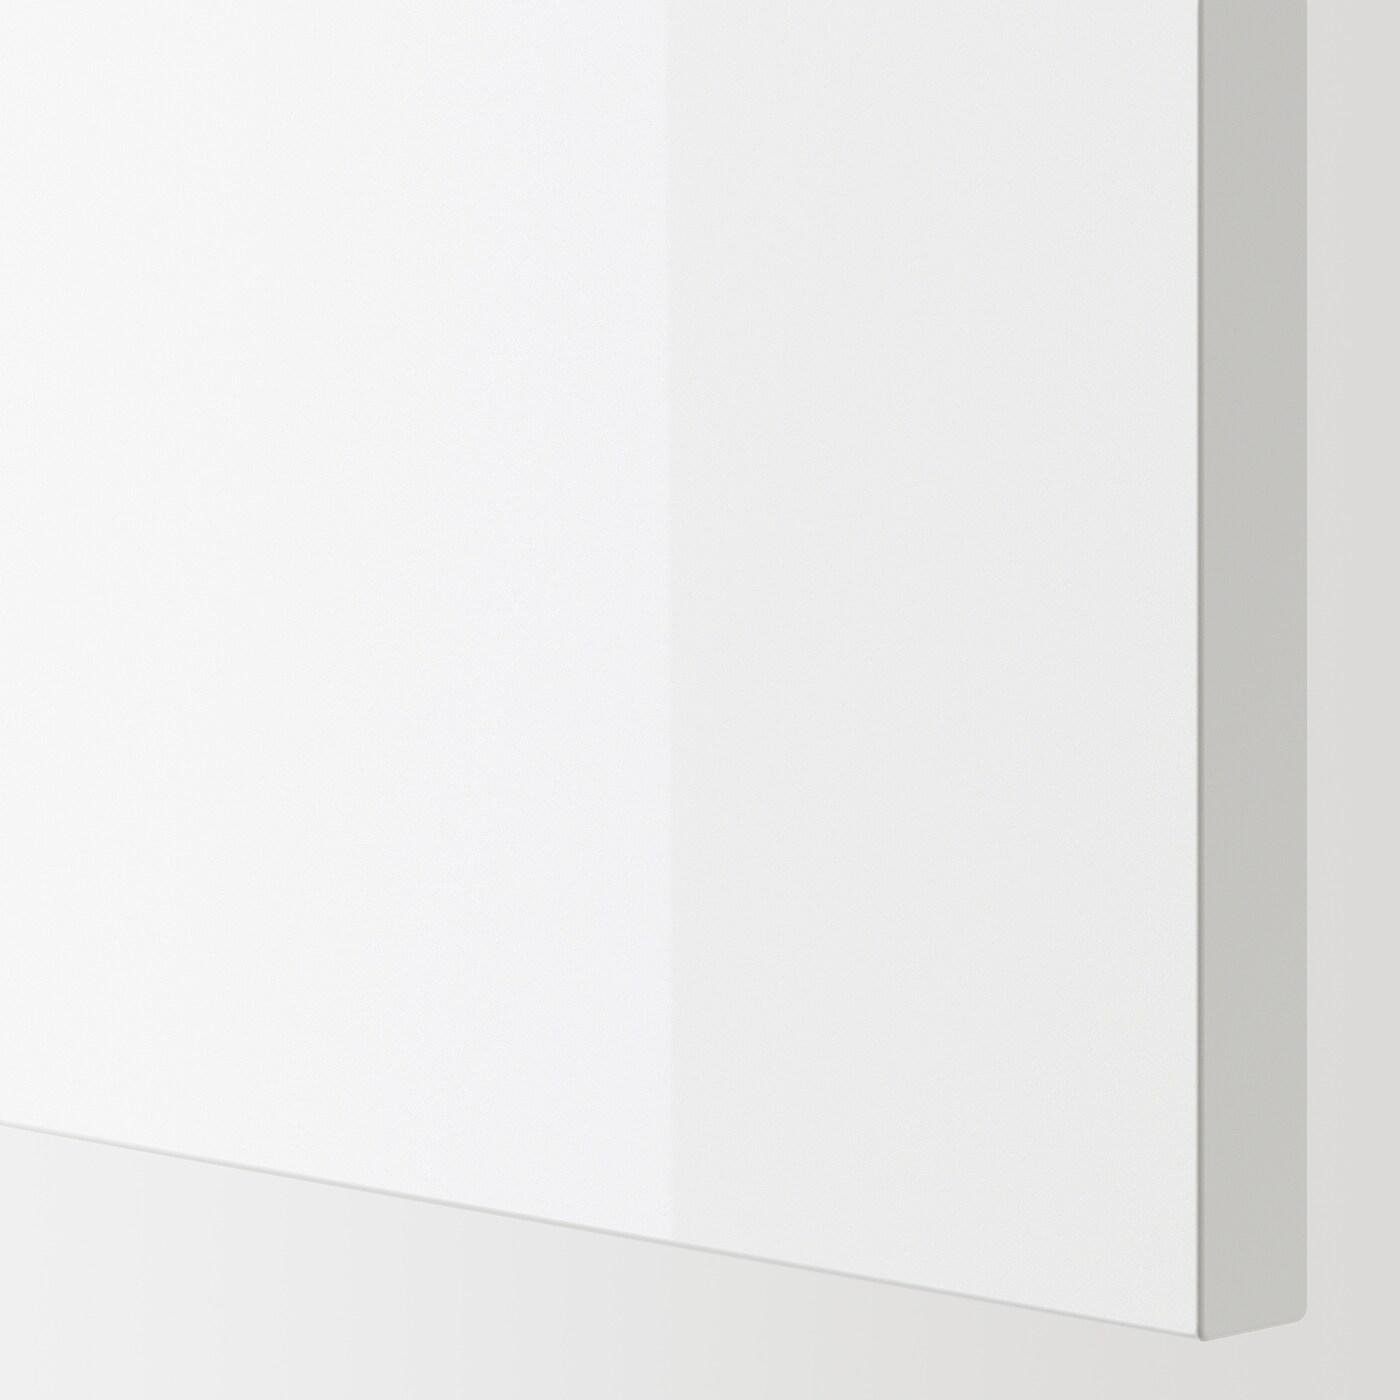 ENHET Drawer front for base cb f oven, high-gloss white, 60x14 cm